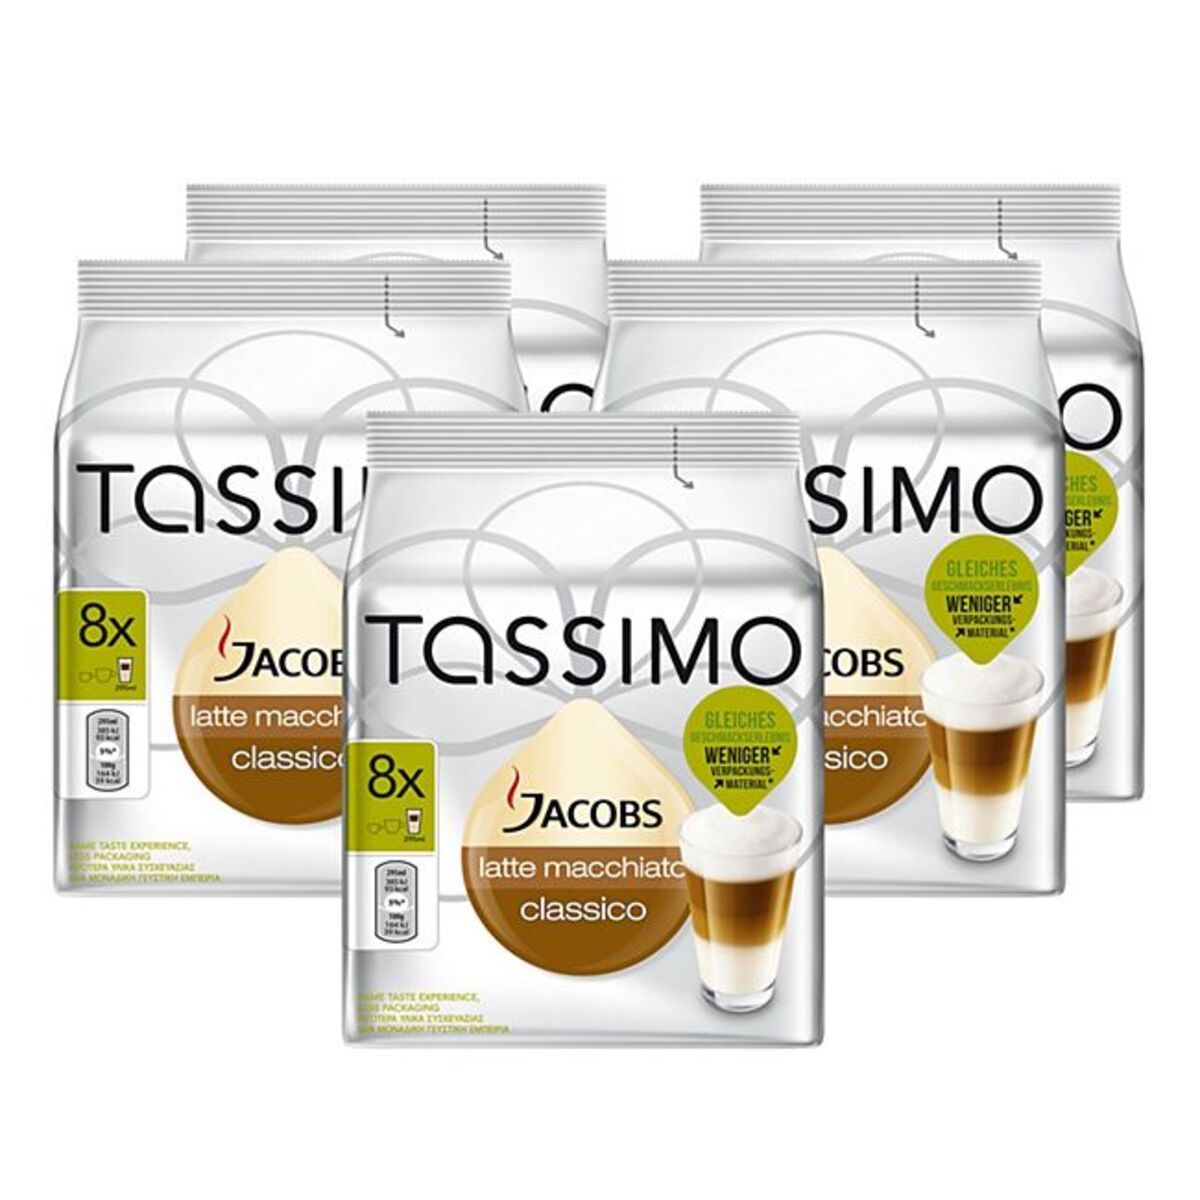 Bild 1 von Jacobs Tassimo Latte Macchiato 16 Kapseln 264 g, 5er Pack